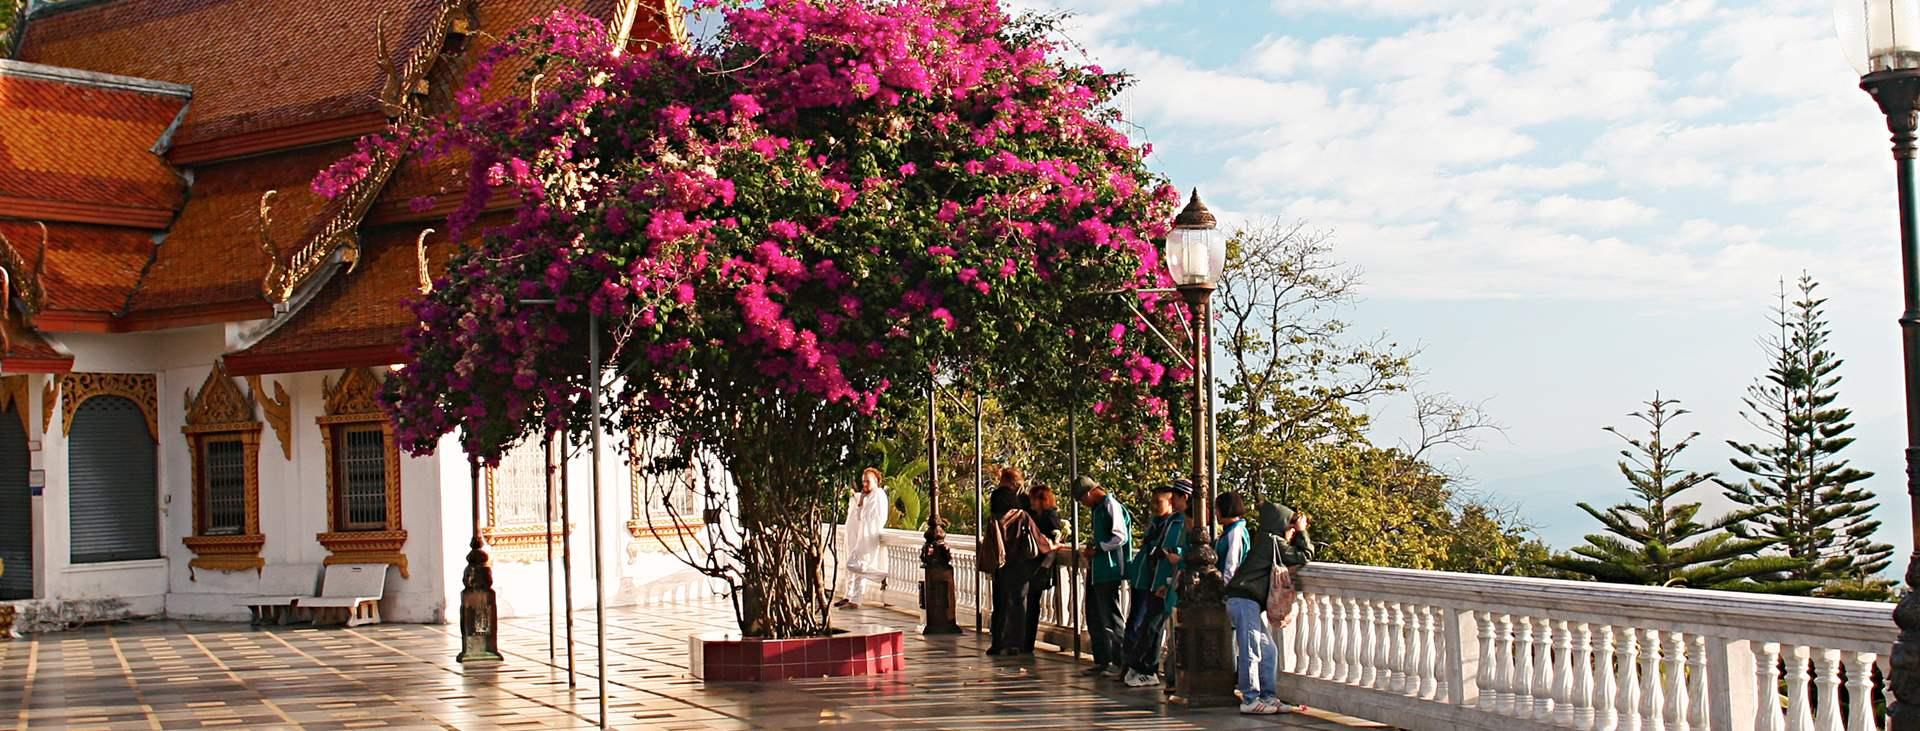 Bestill en reise med Ving til Nord-Thailand